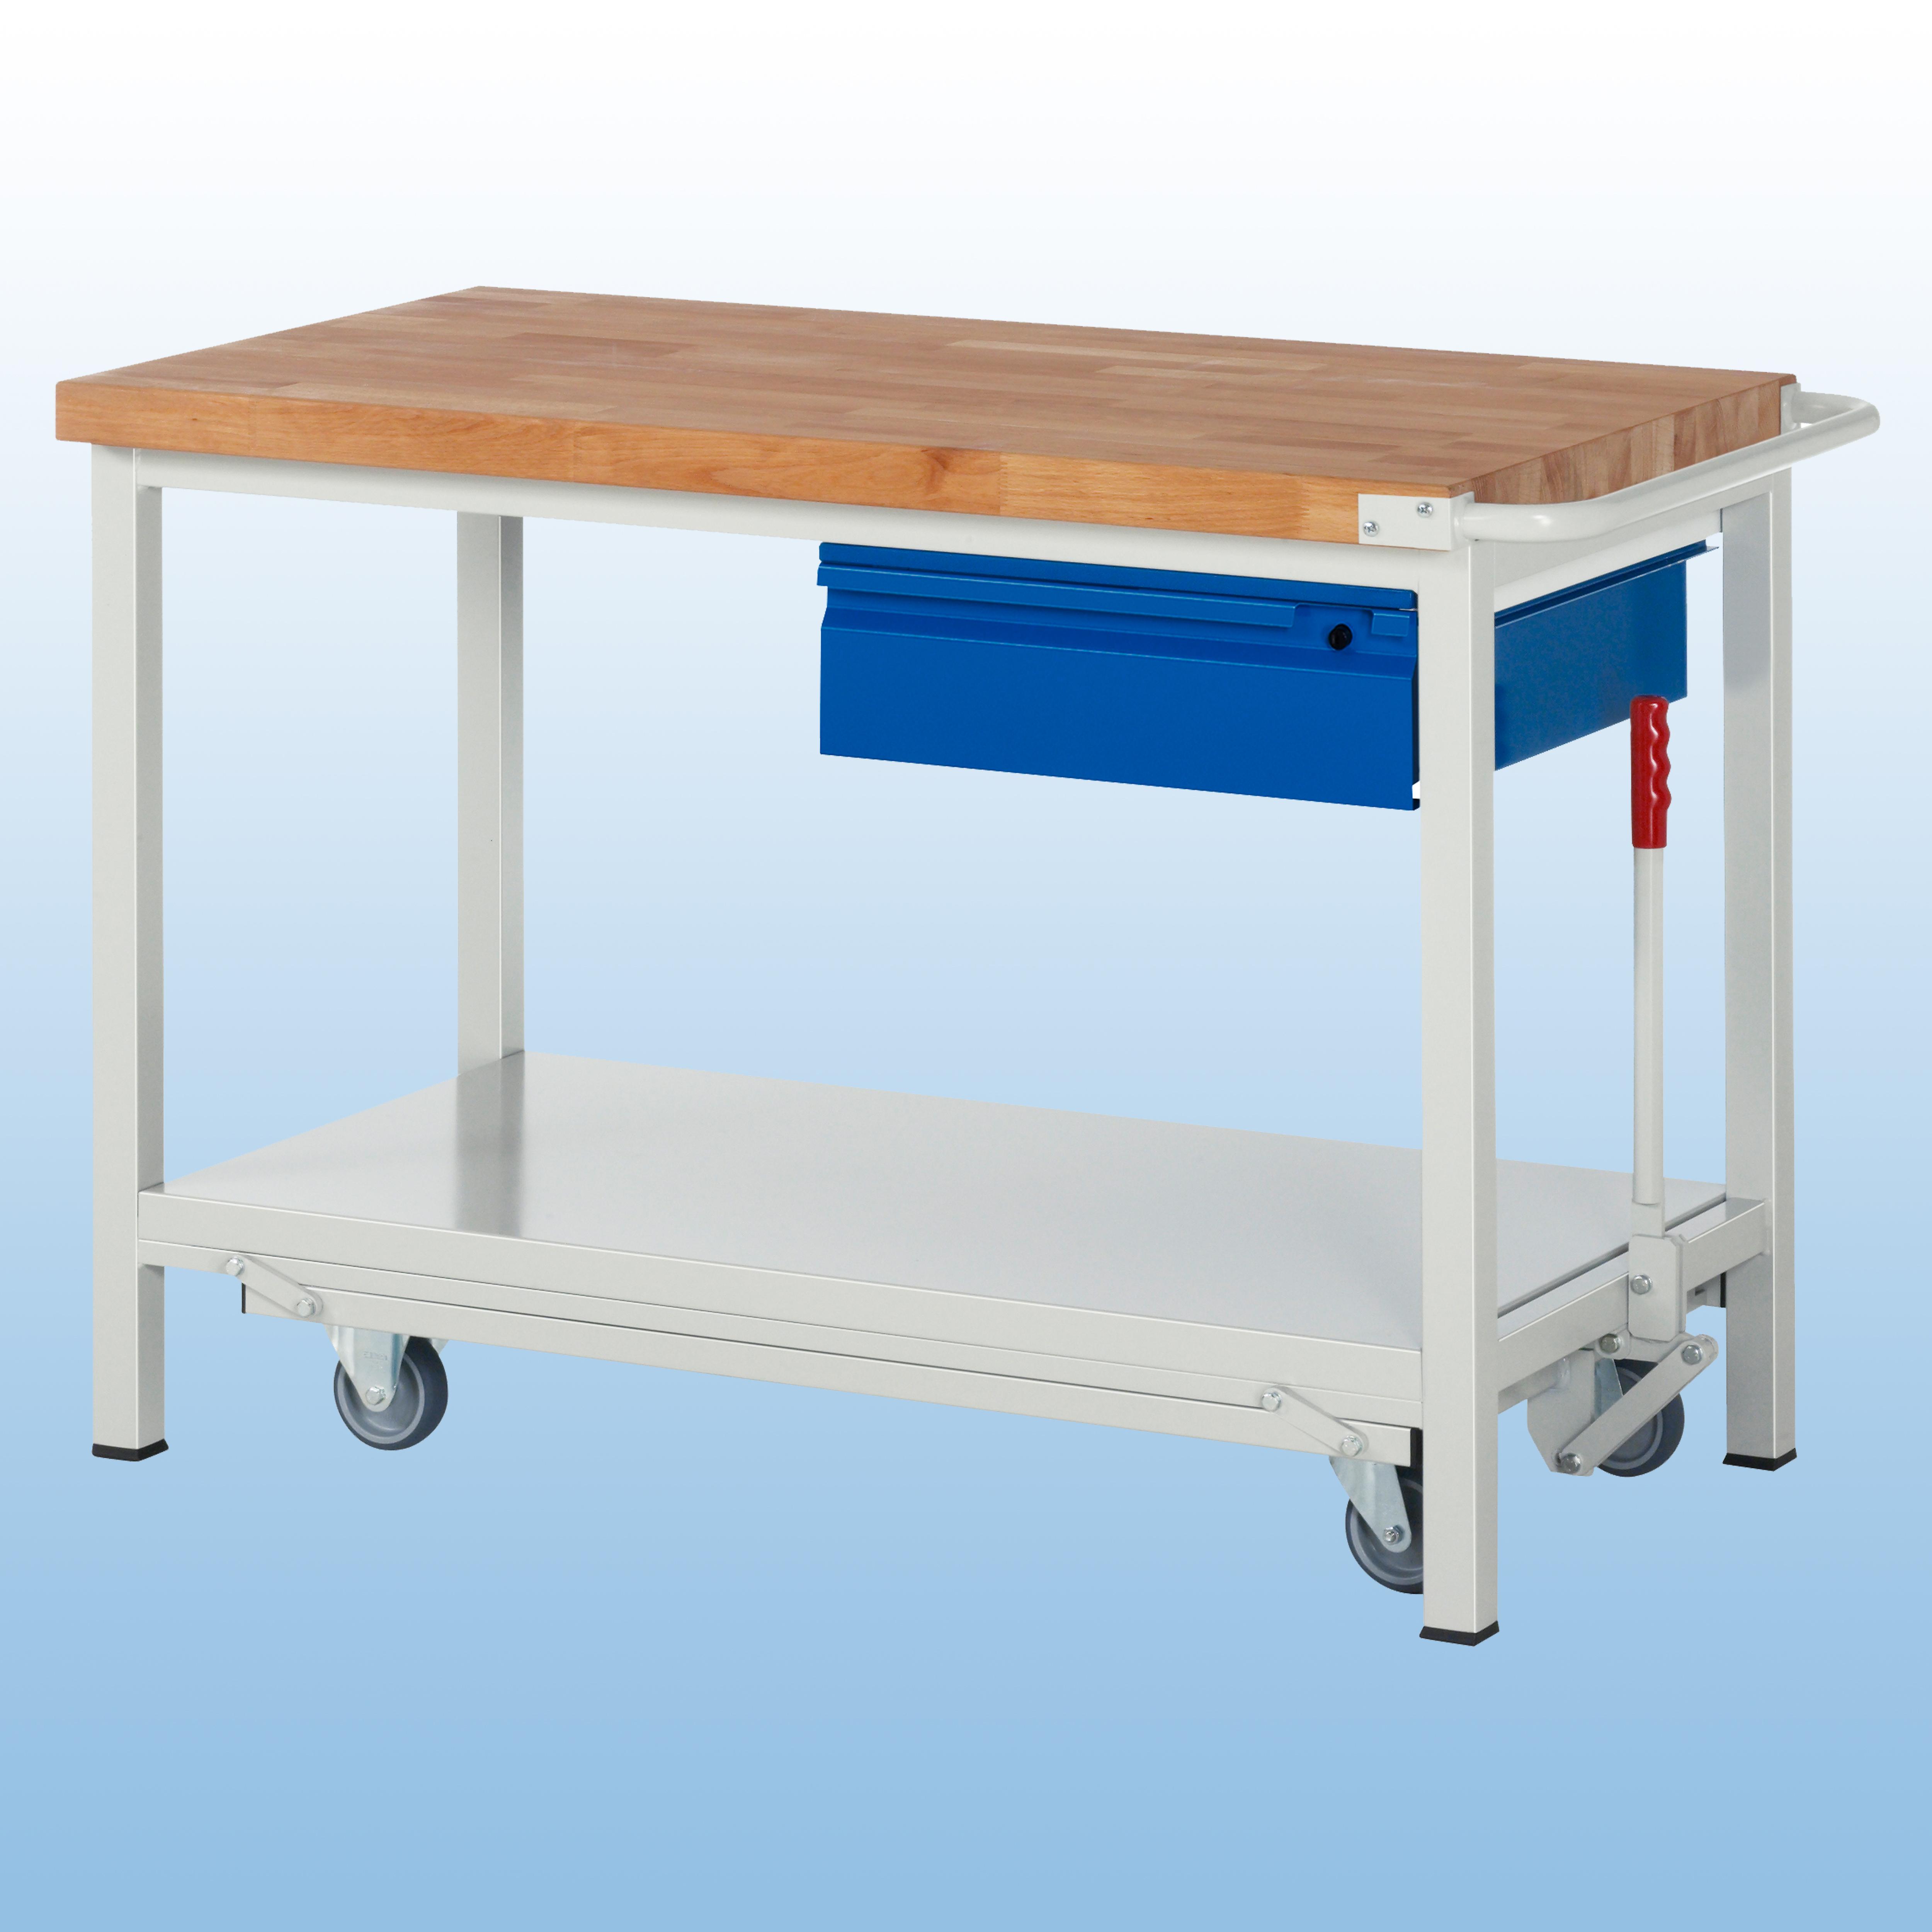 Werkbank SR015, Werkbänke, Werkbänke, Produktgruppen bei Kaiser Systeme